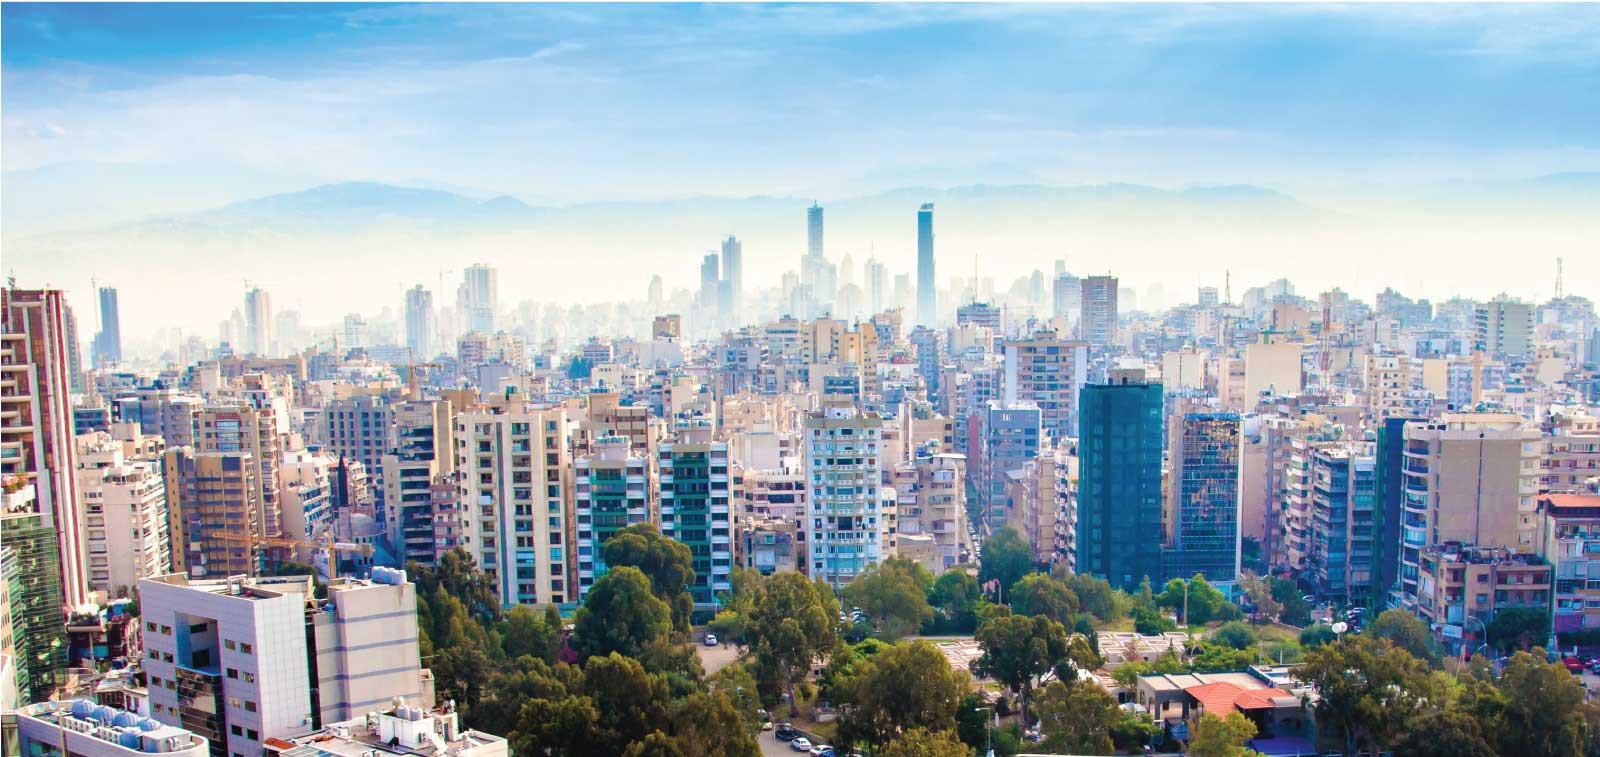 رحلات القاهرة بيروت مع ترافكو هوليدايز